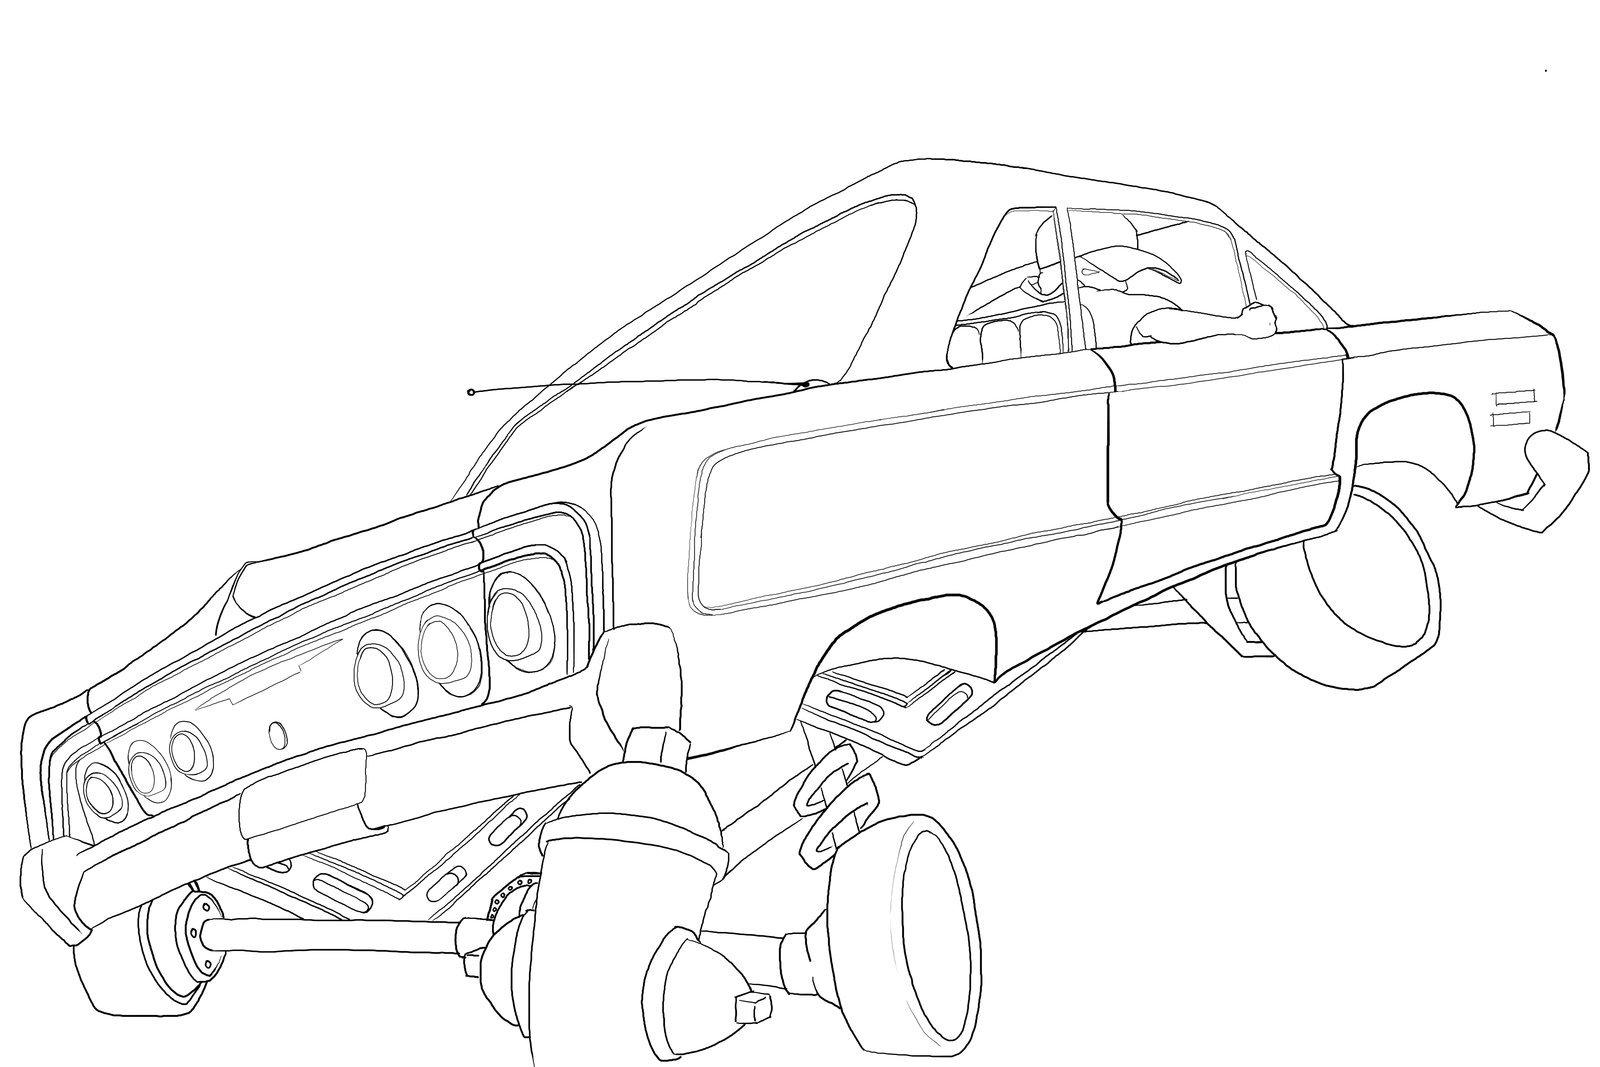 64 Impala Drawing At Getdrawings